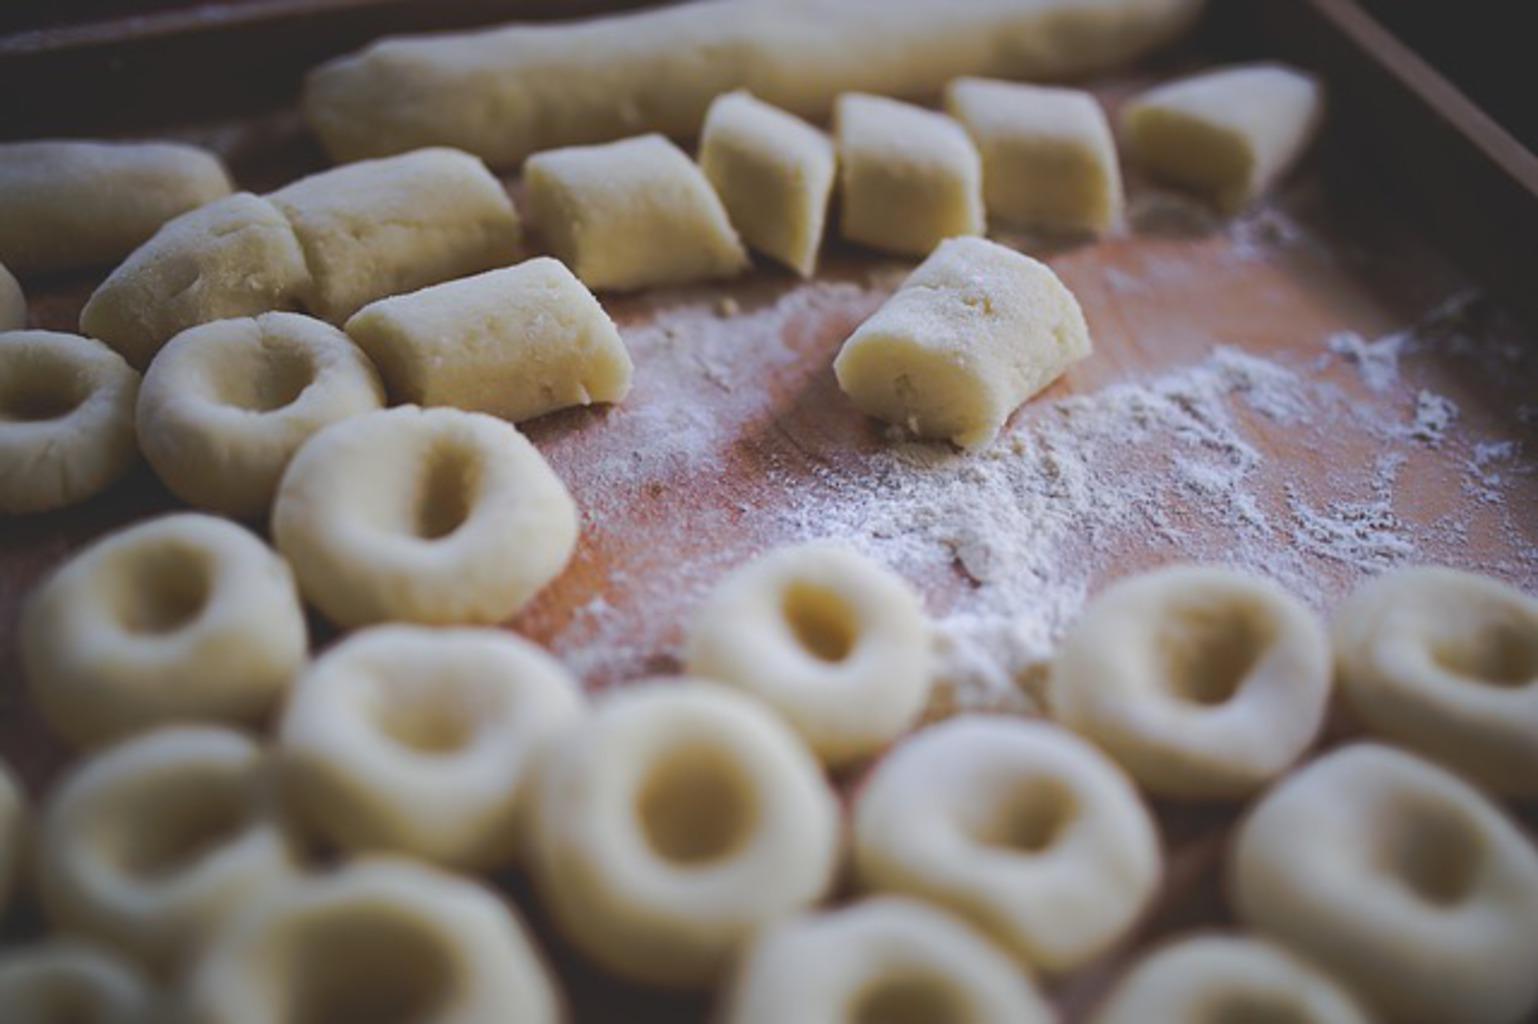 Ricetta Di Gnocchi Senza Glutine.Ricetta Gnocchi Di Patate Senza Glutine Ricette Kenwood Club